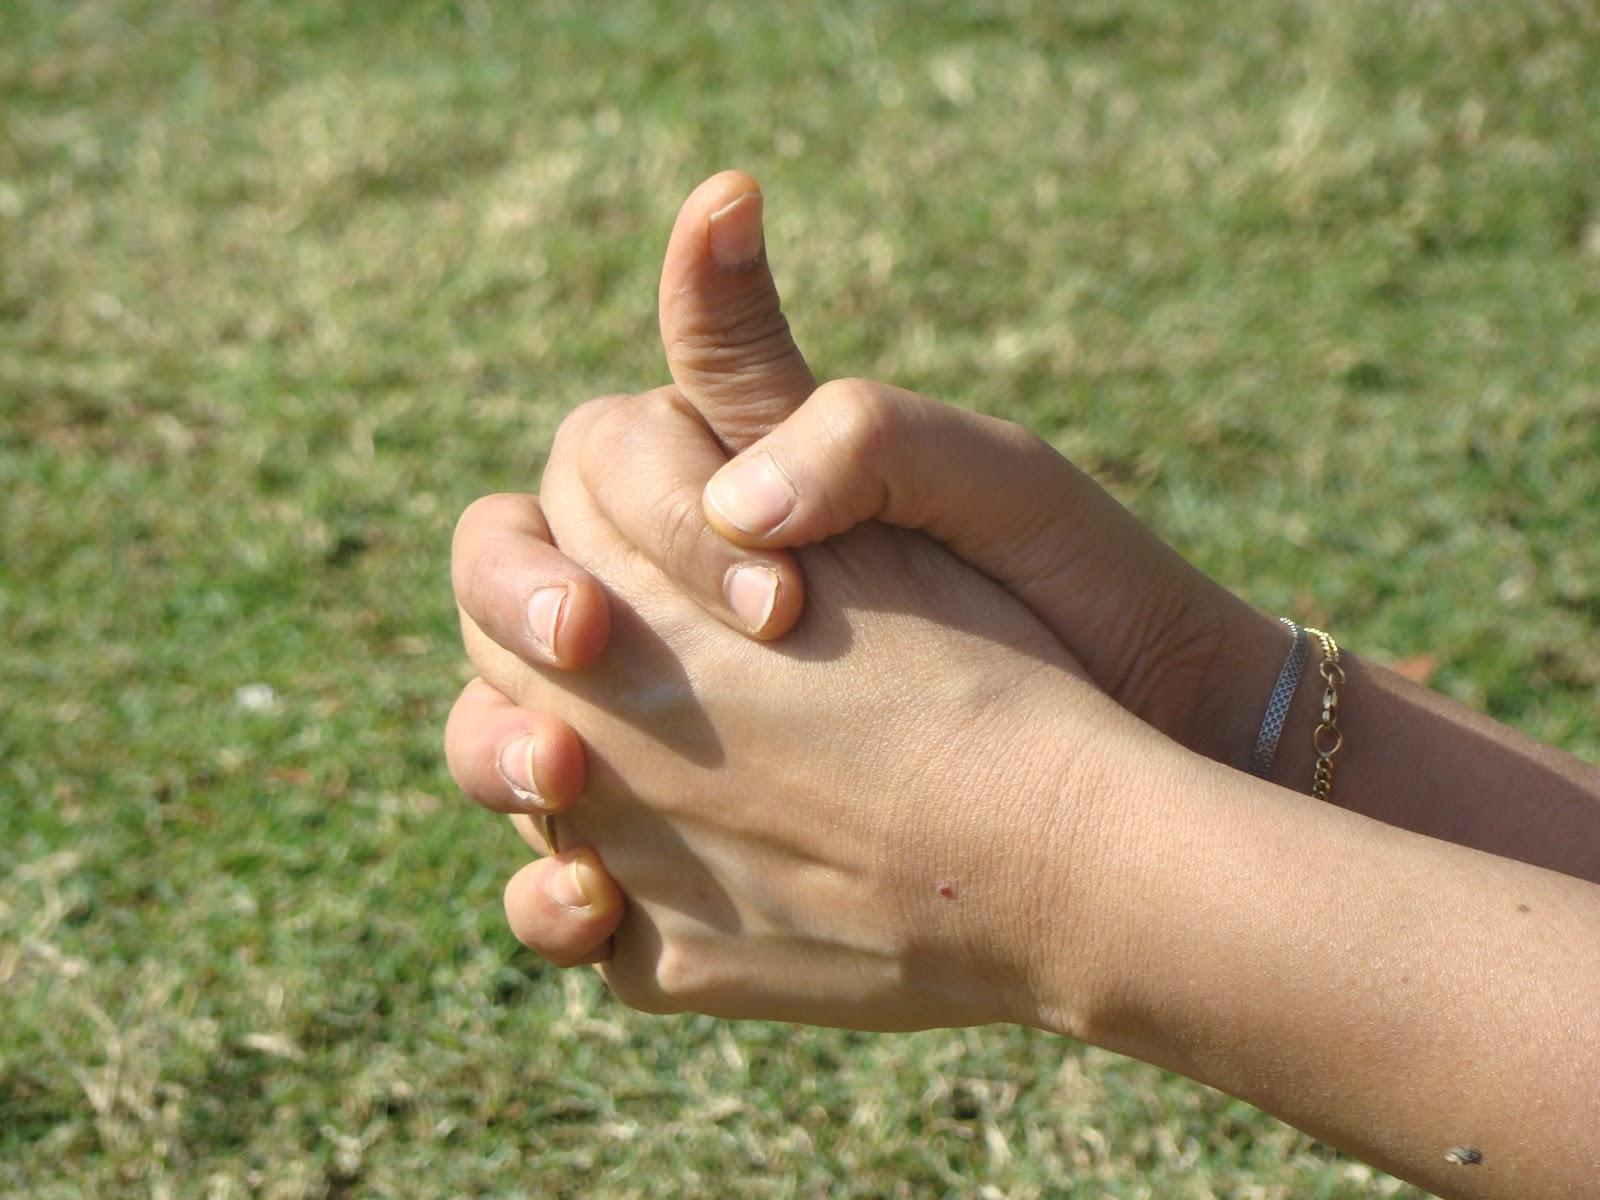 Prema Nagesh S Yogatherapy4all Therapeutic Mudras